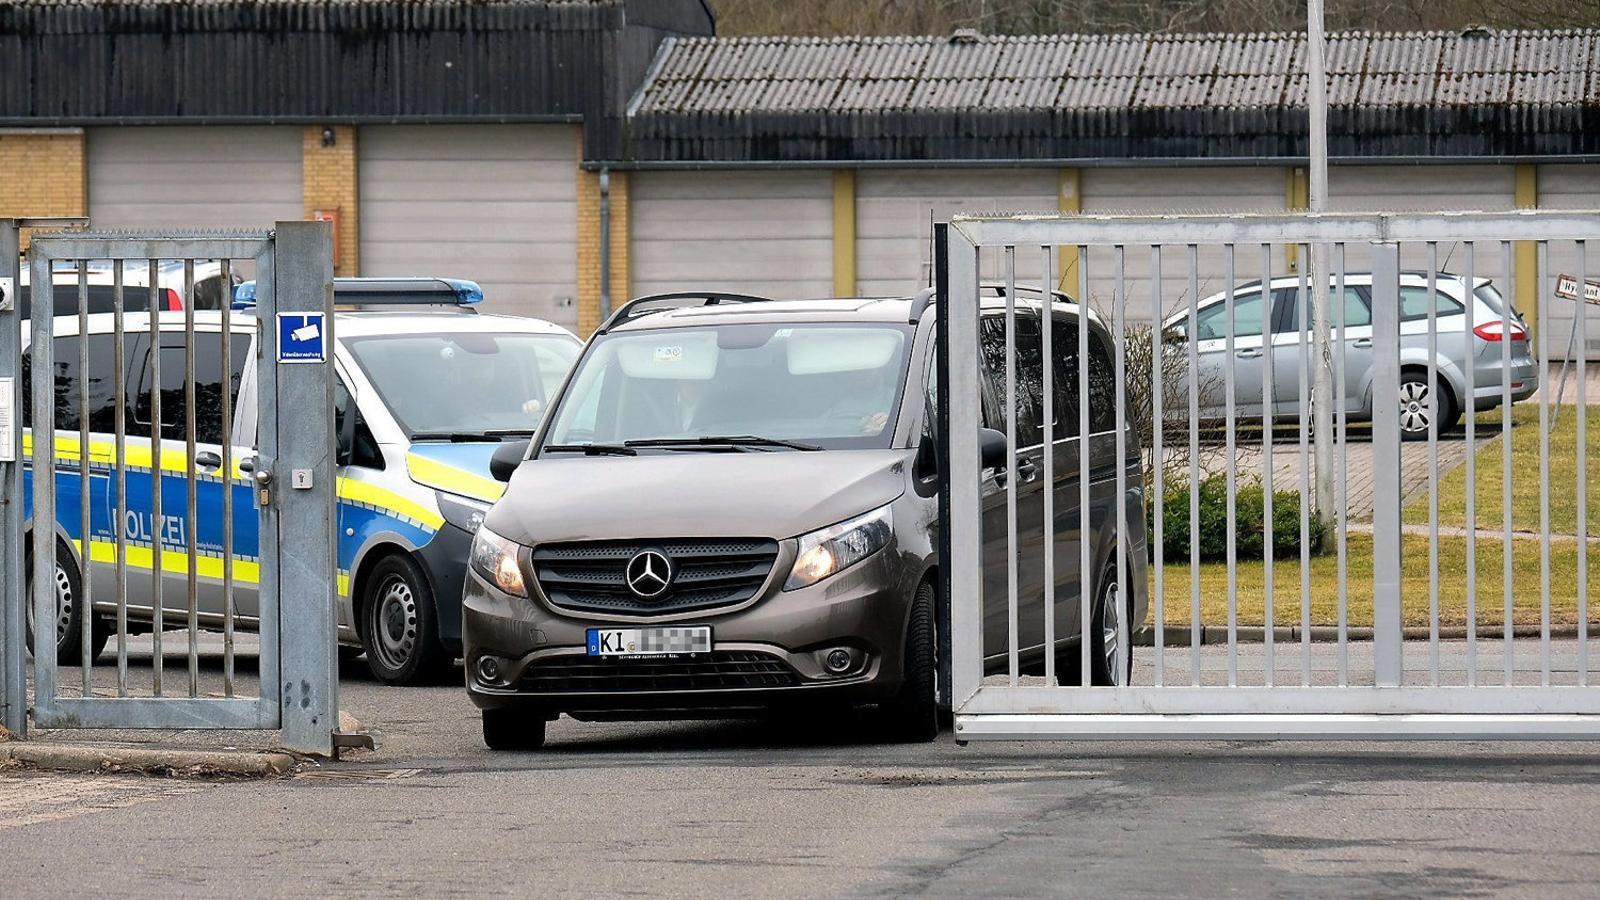 Alemanya deté Puigdemont i analitza l'extradició